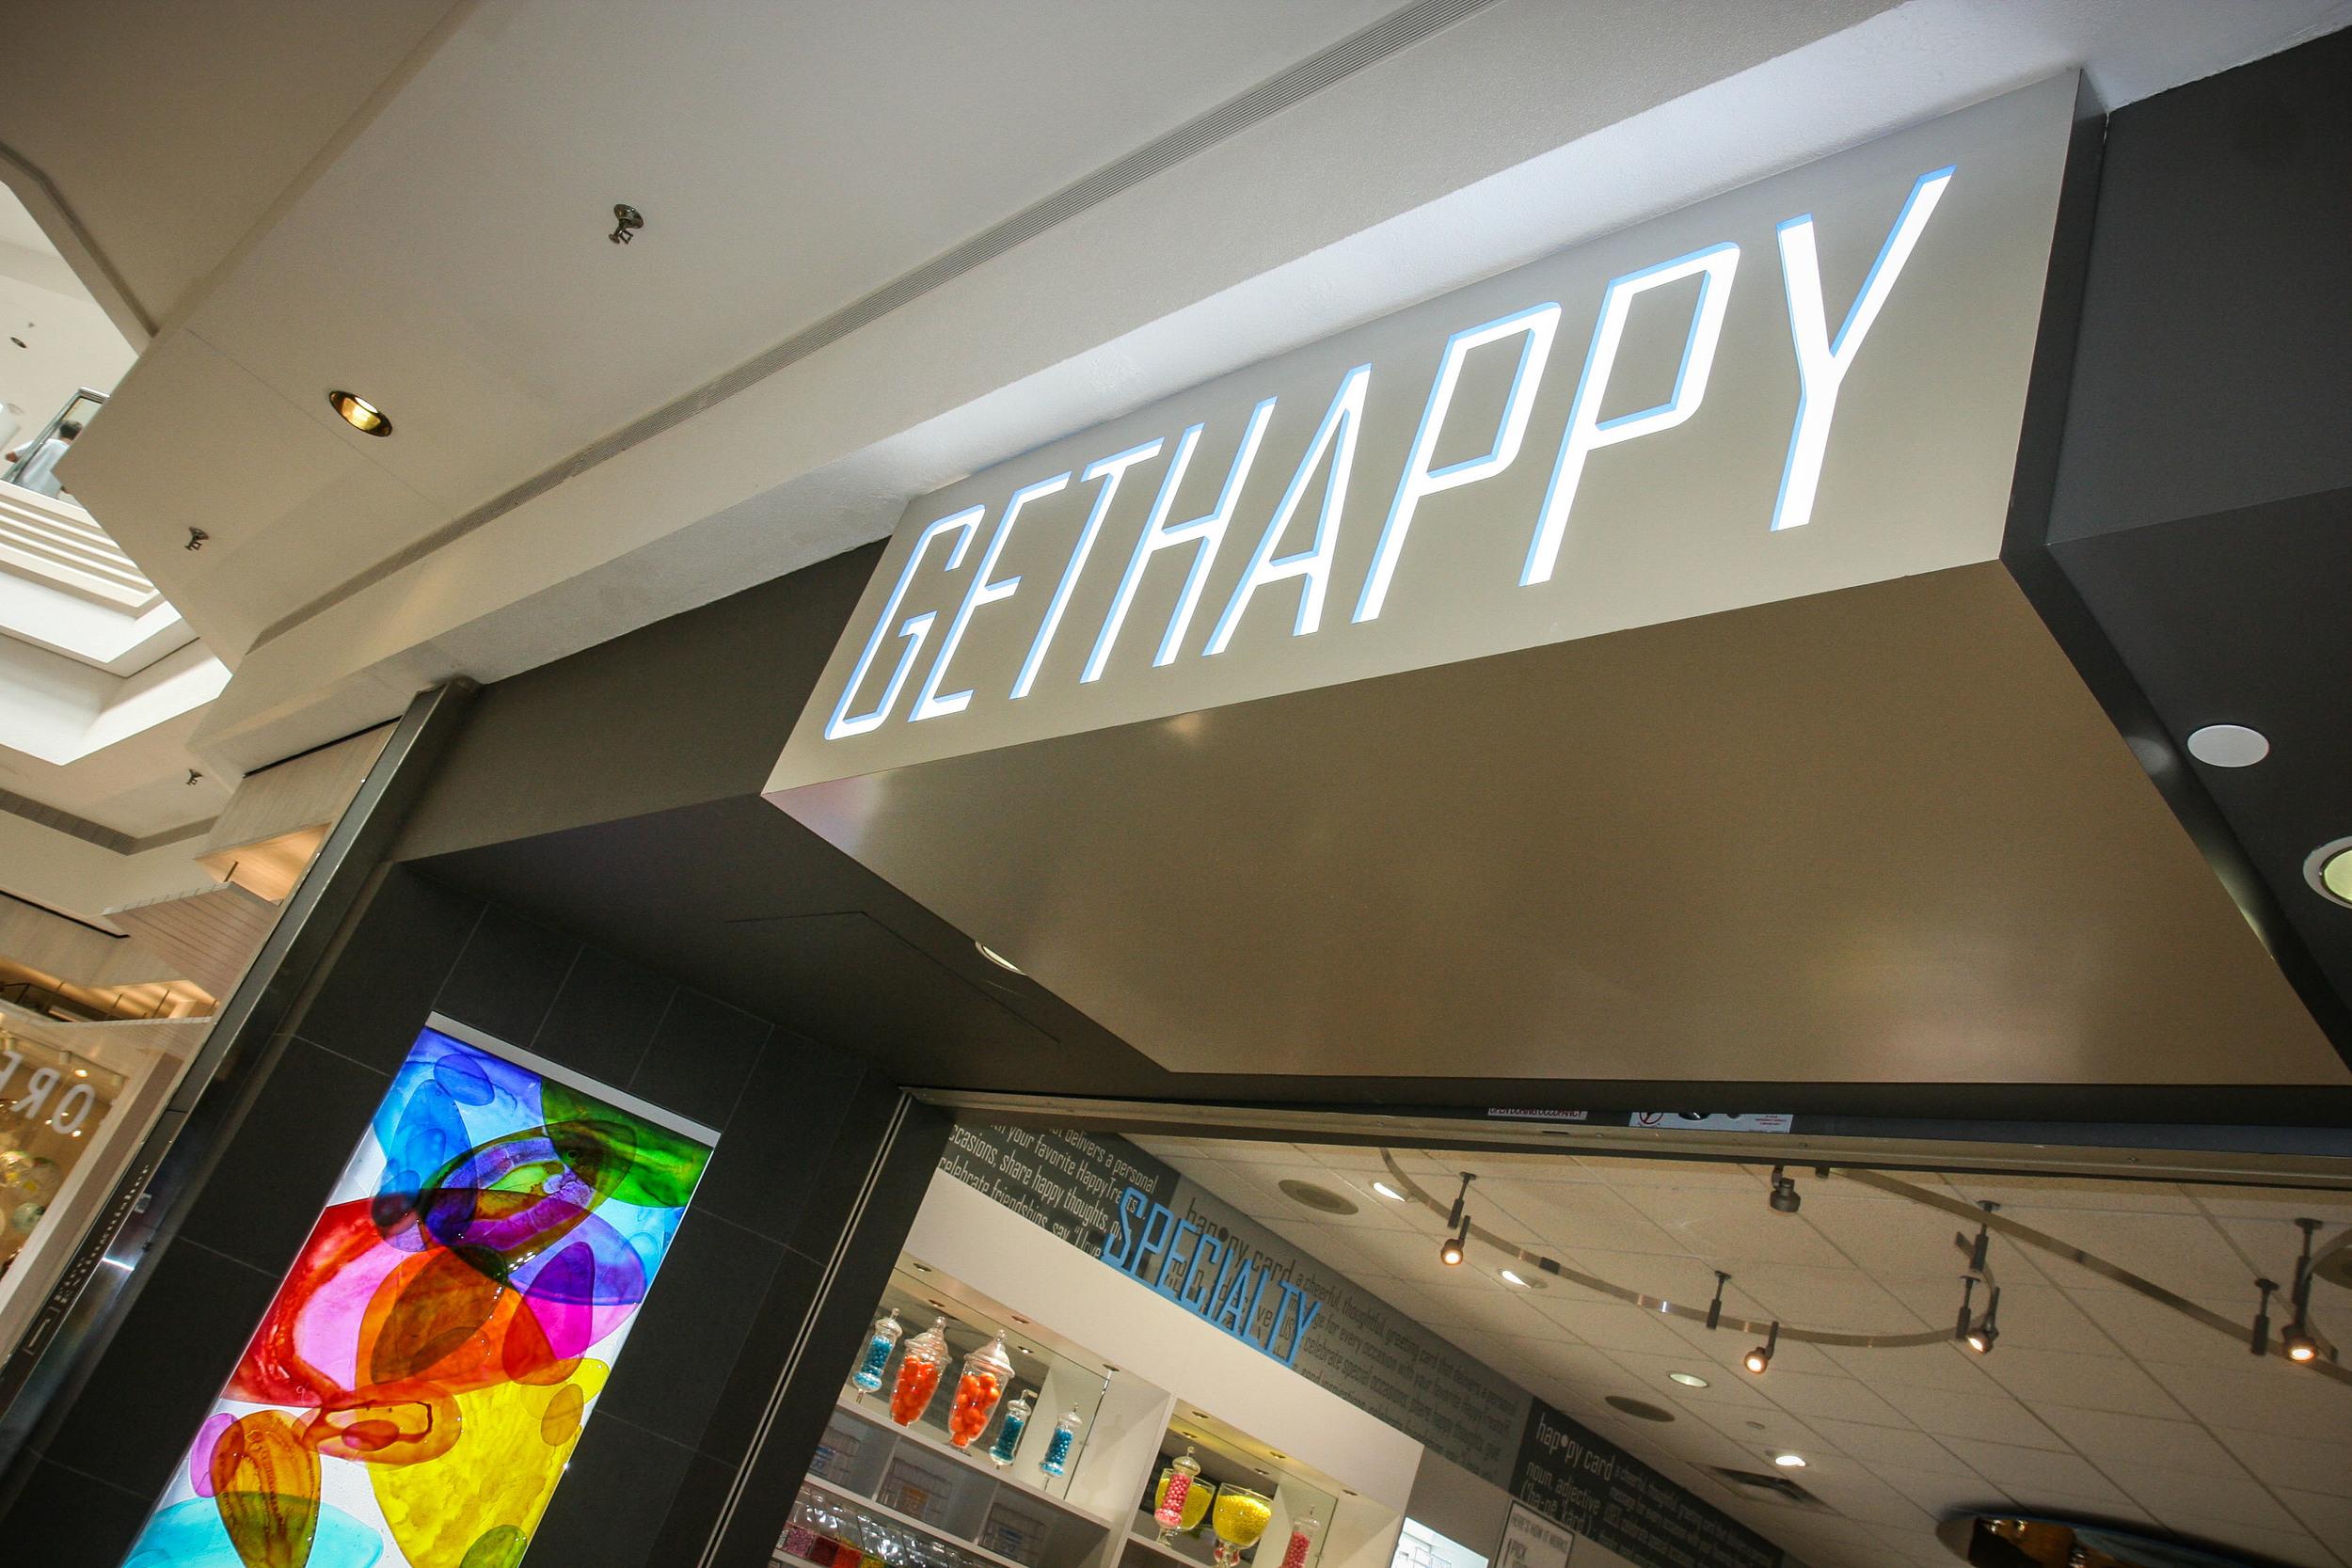 gethappy_branding-16.jpg